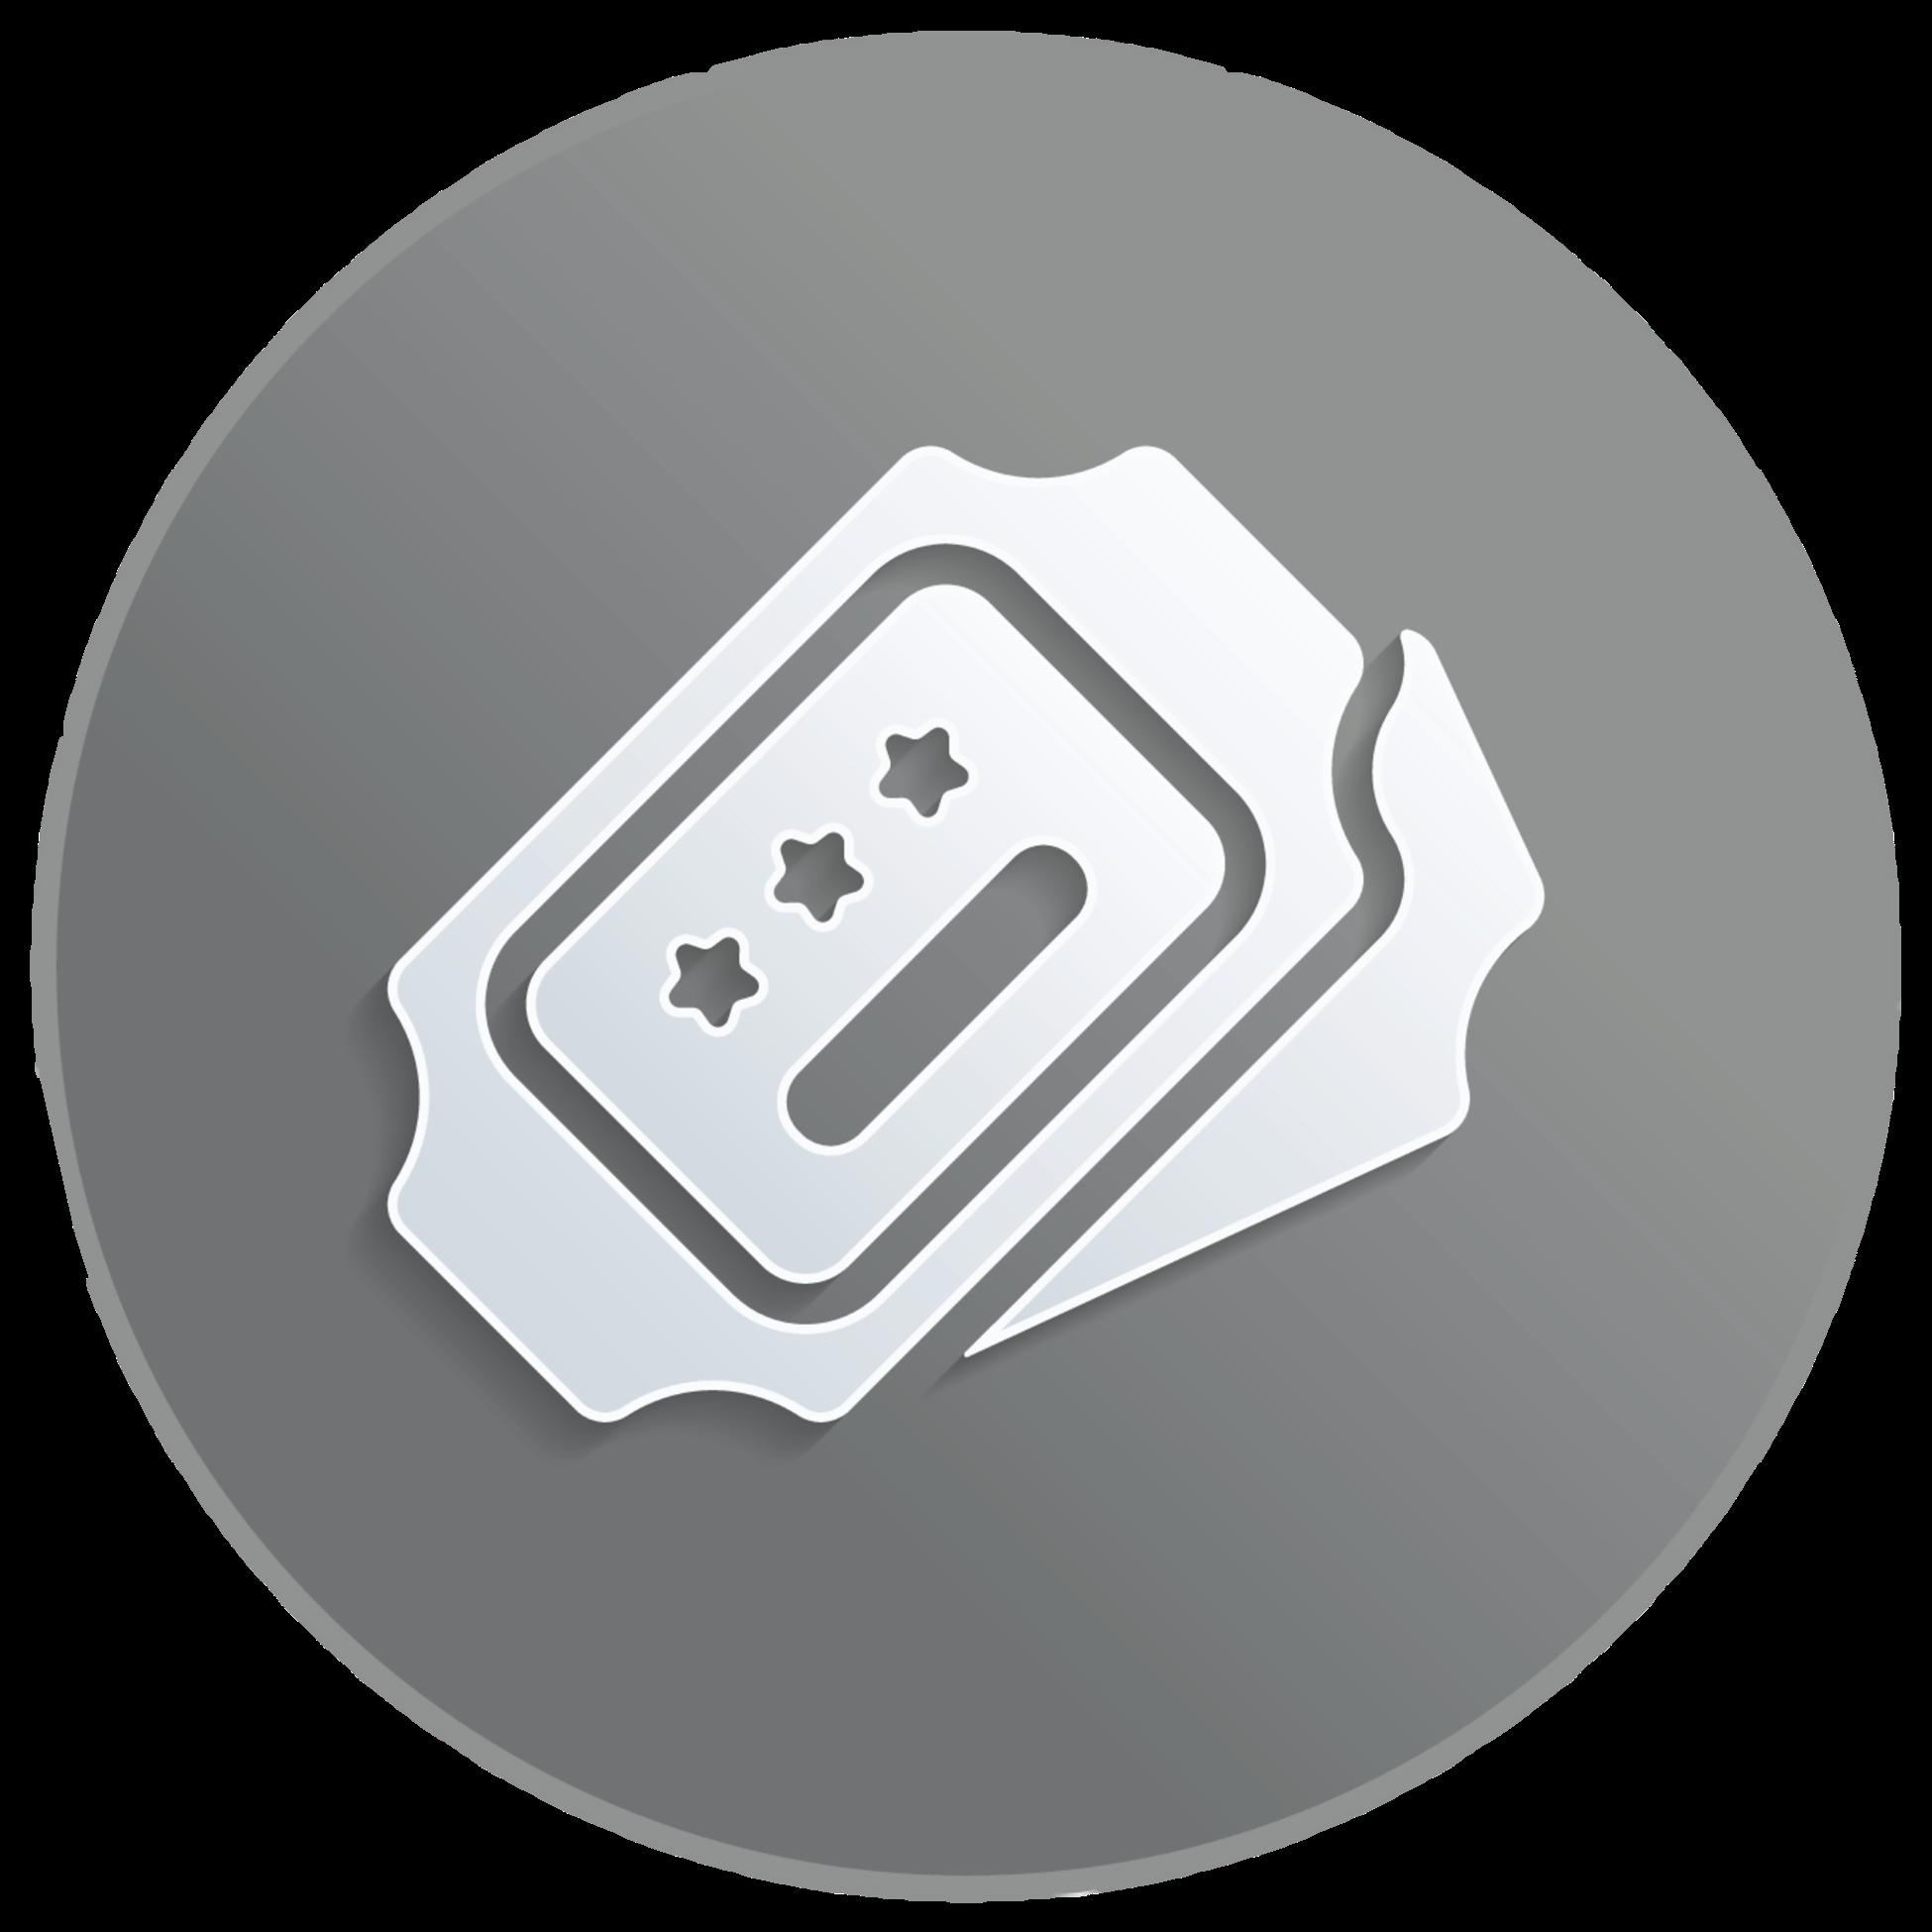 eventsticket icon